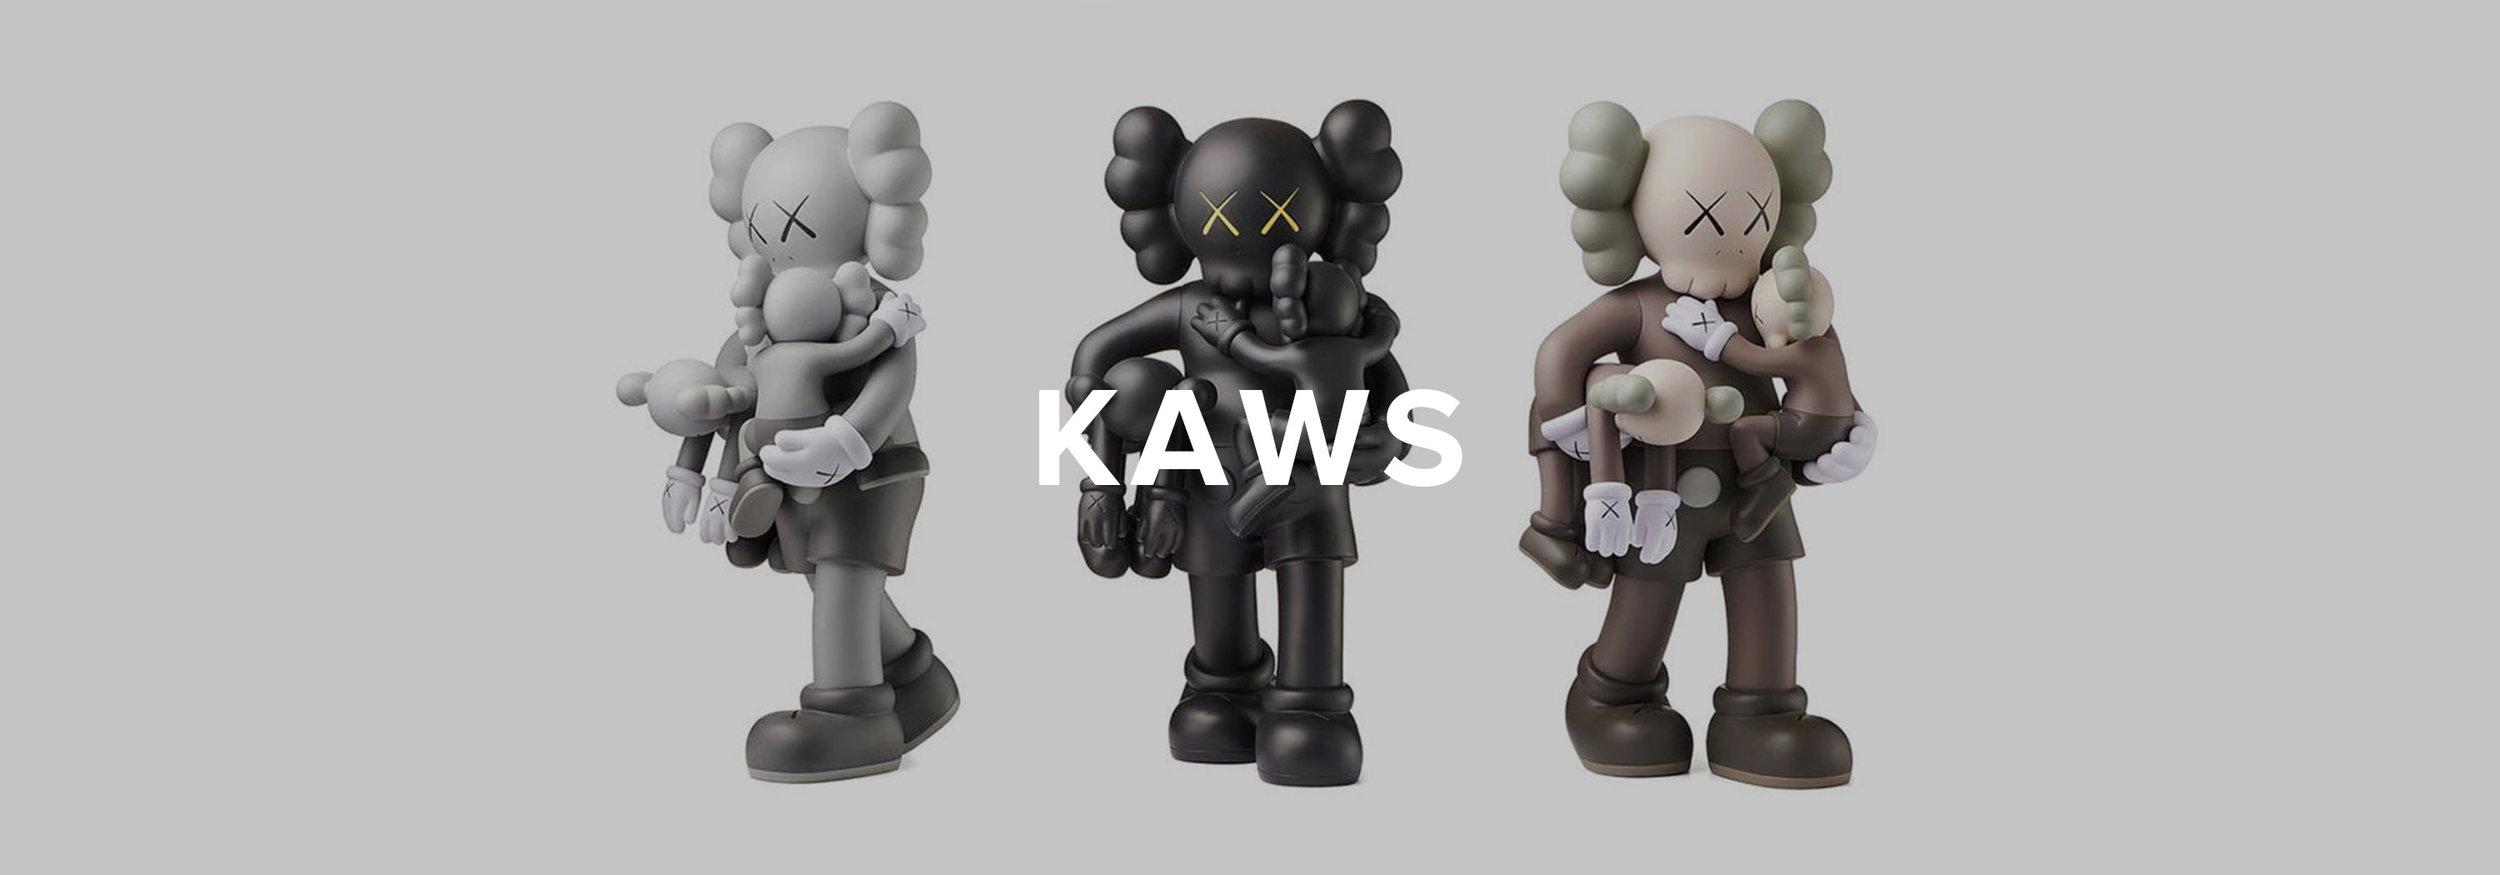 kaws.jpg